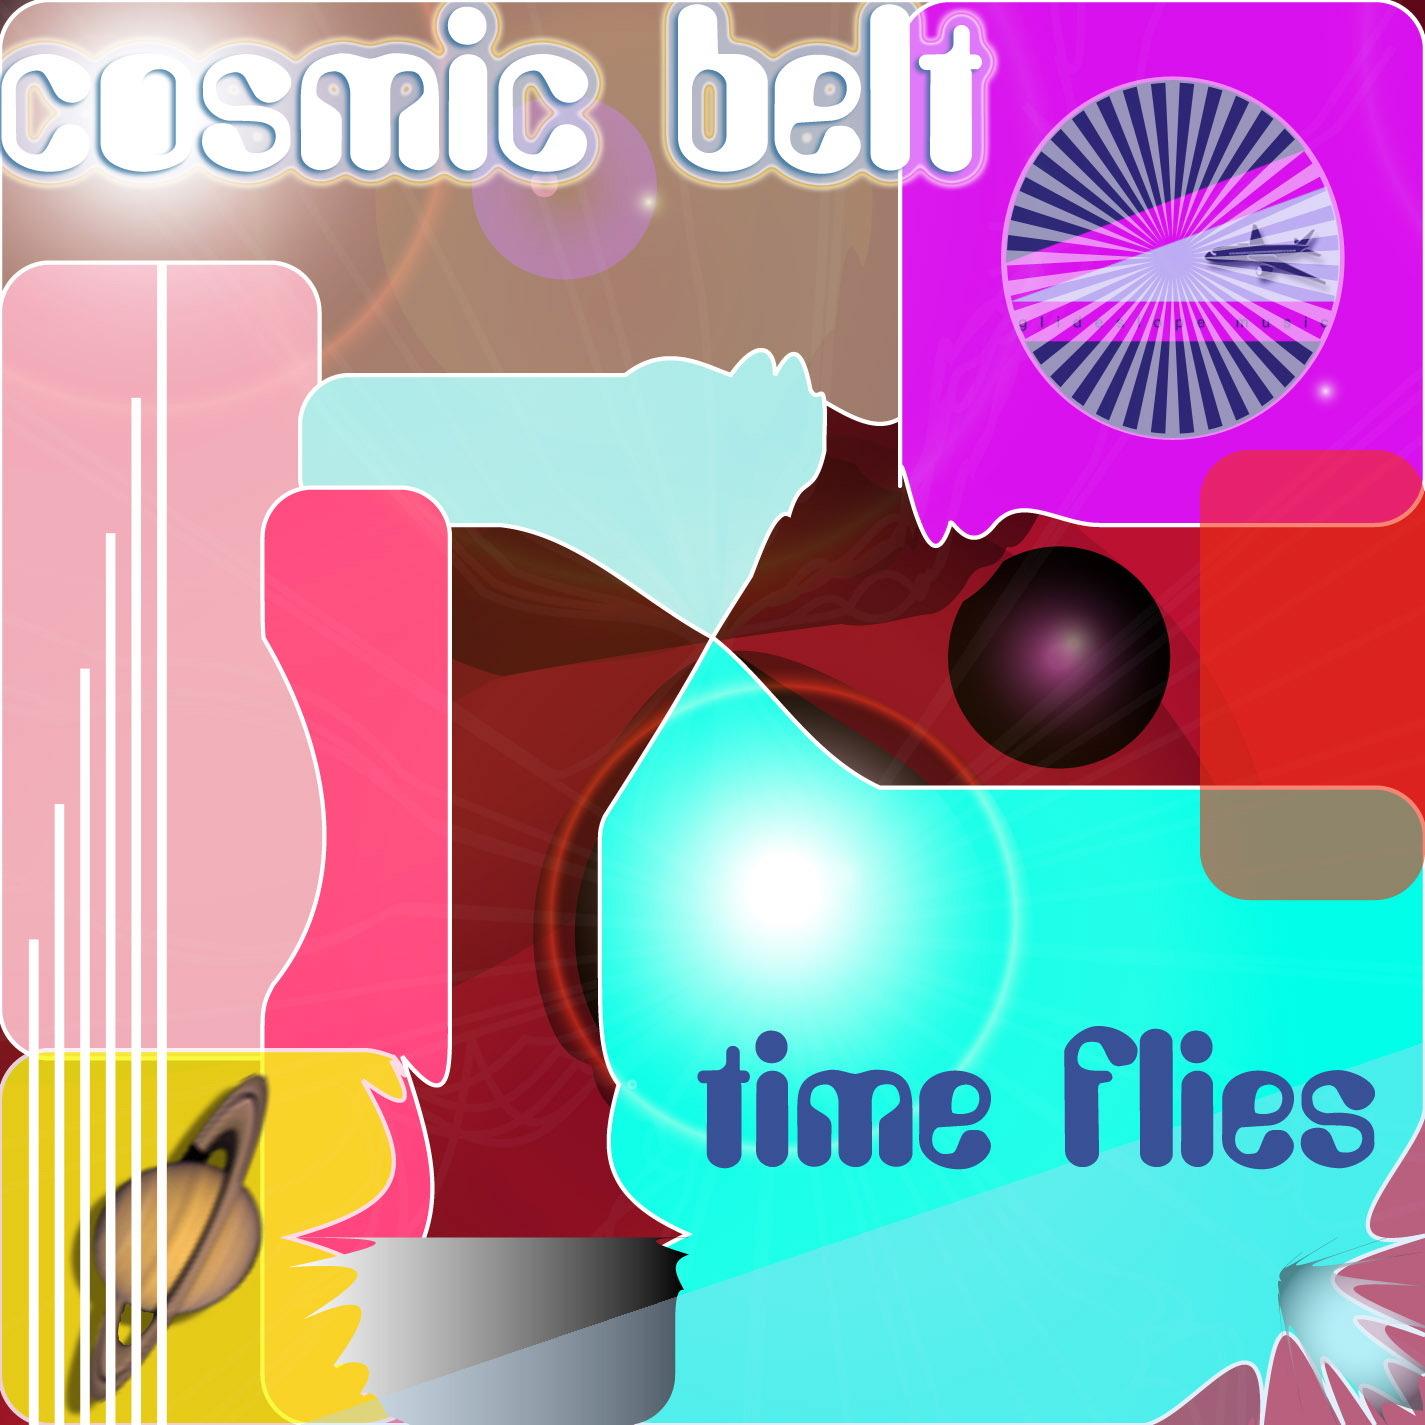 COSMIC BELT - Time Flies